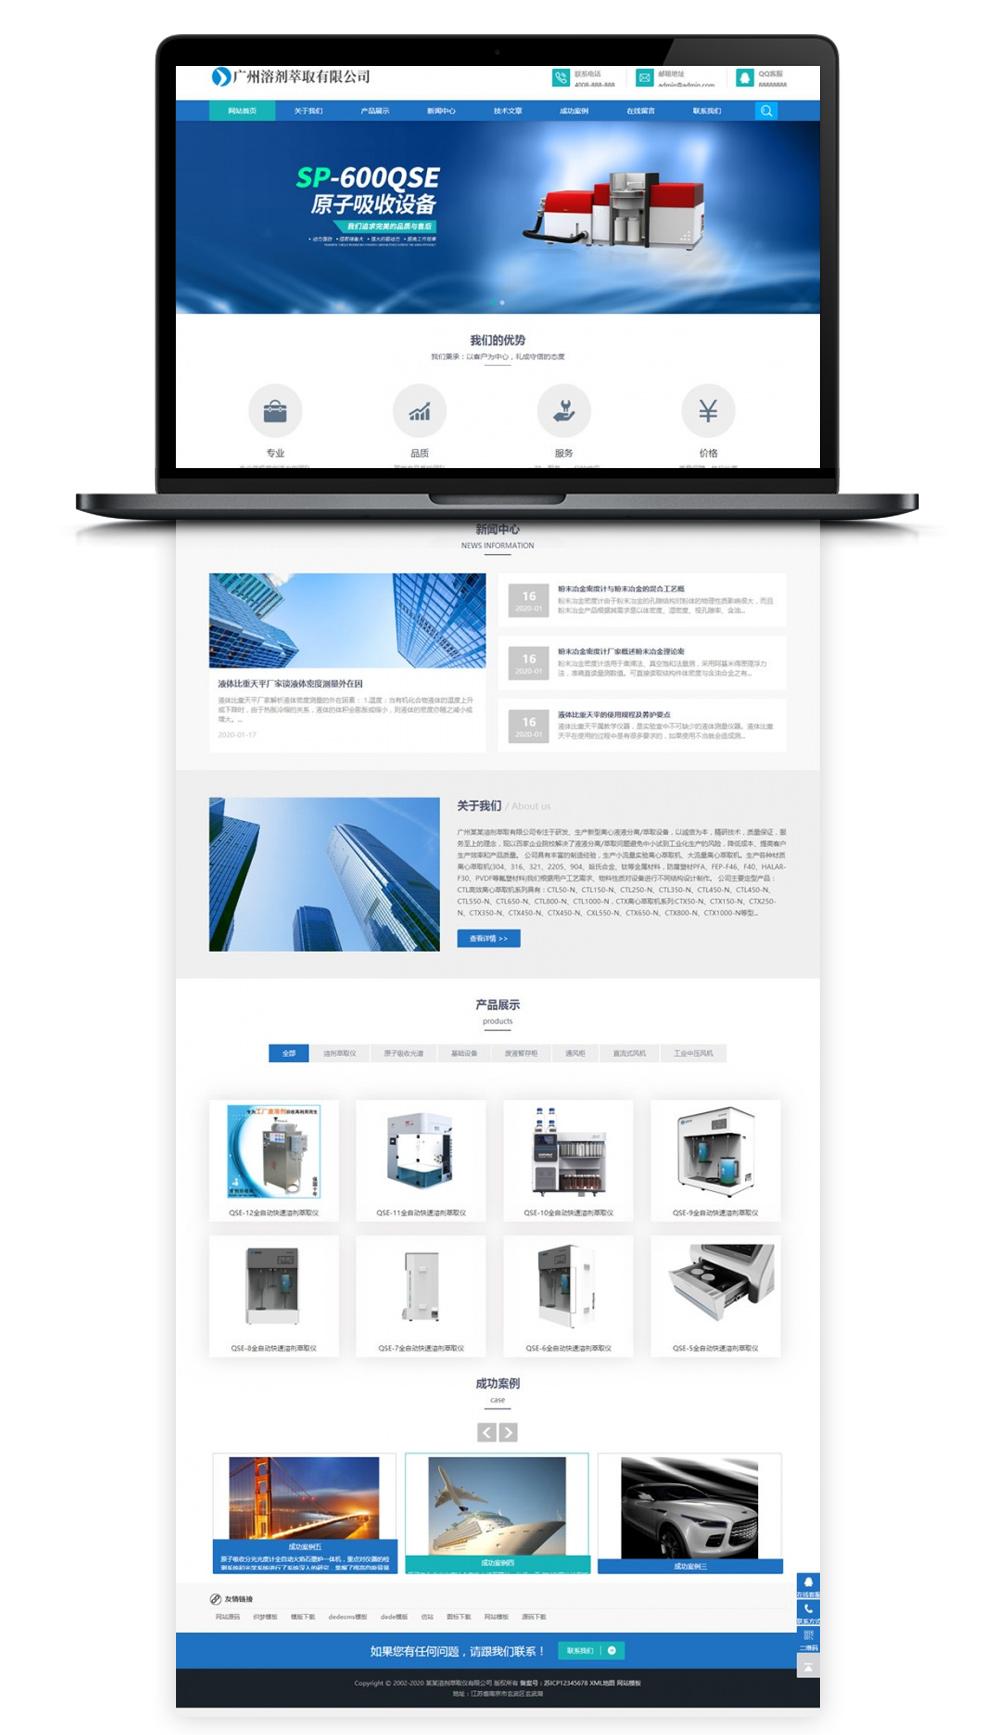 【织梦机械设备网站模板】HTML5自适应蓝色通用机械设备网站DEDECMS响应式模板带手机版-蓝汇源码